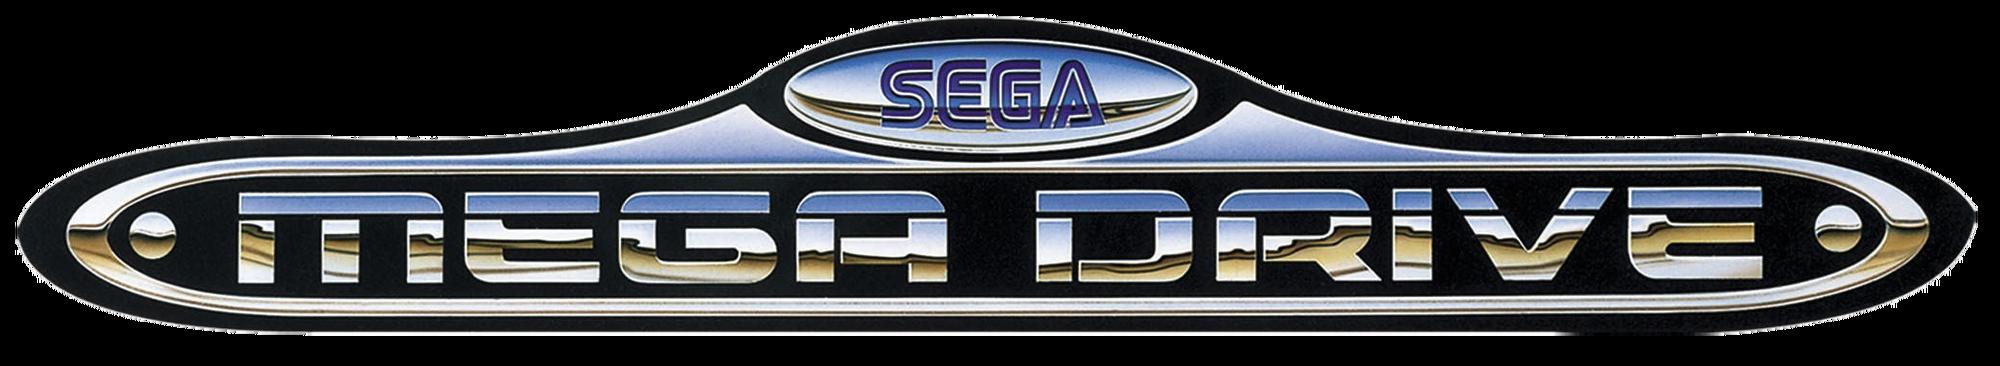 Image - Sega-megadrive-logo.png | The Amazing World of ...